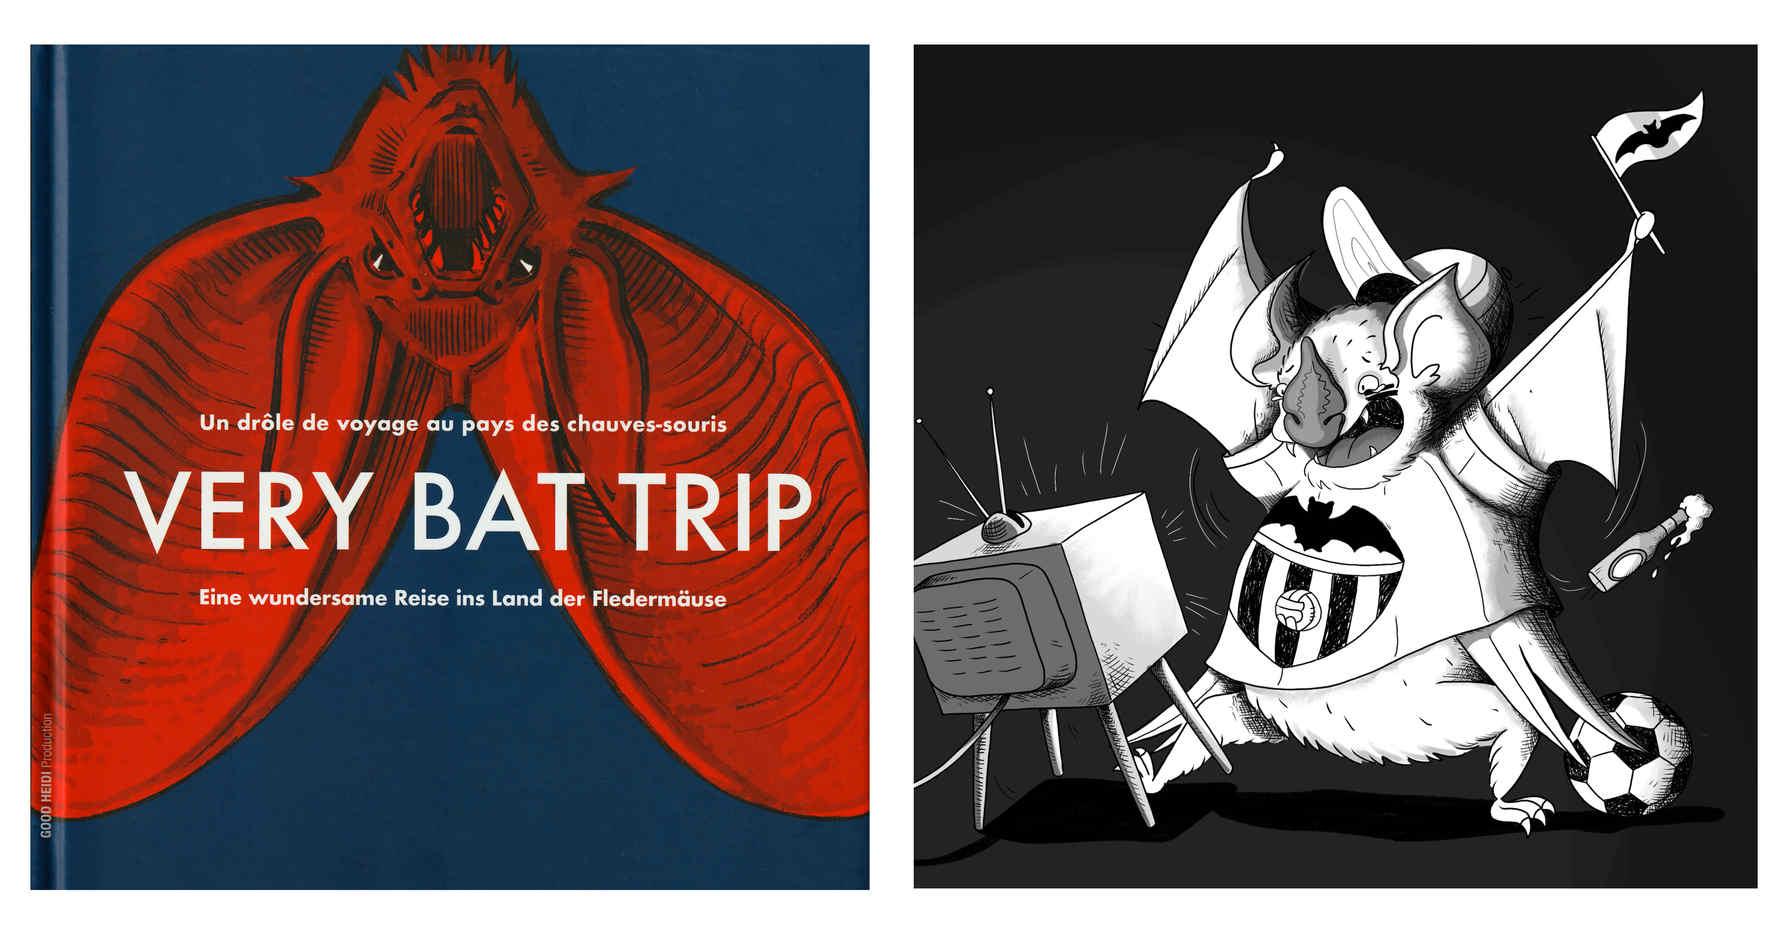 Very Bat Trip